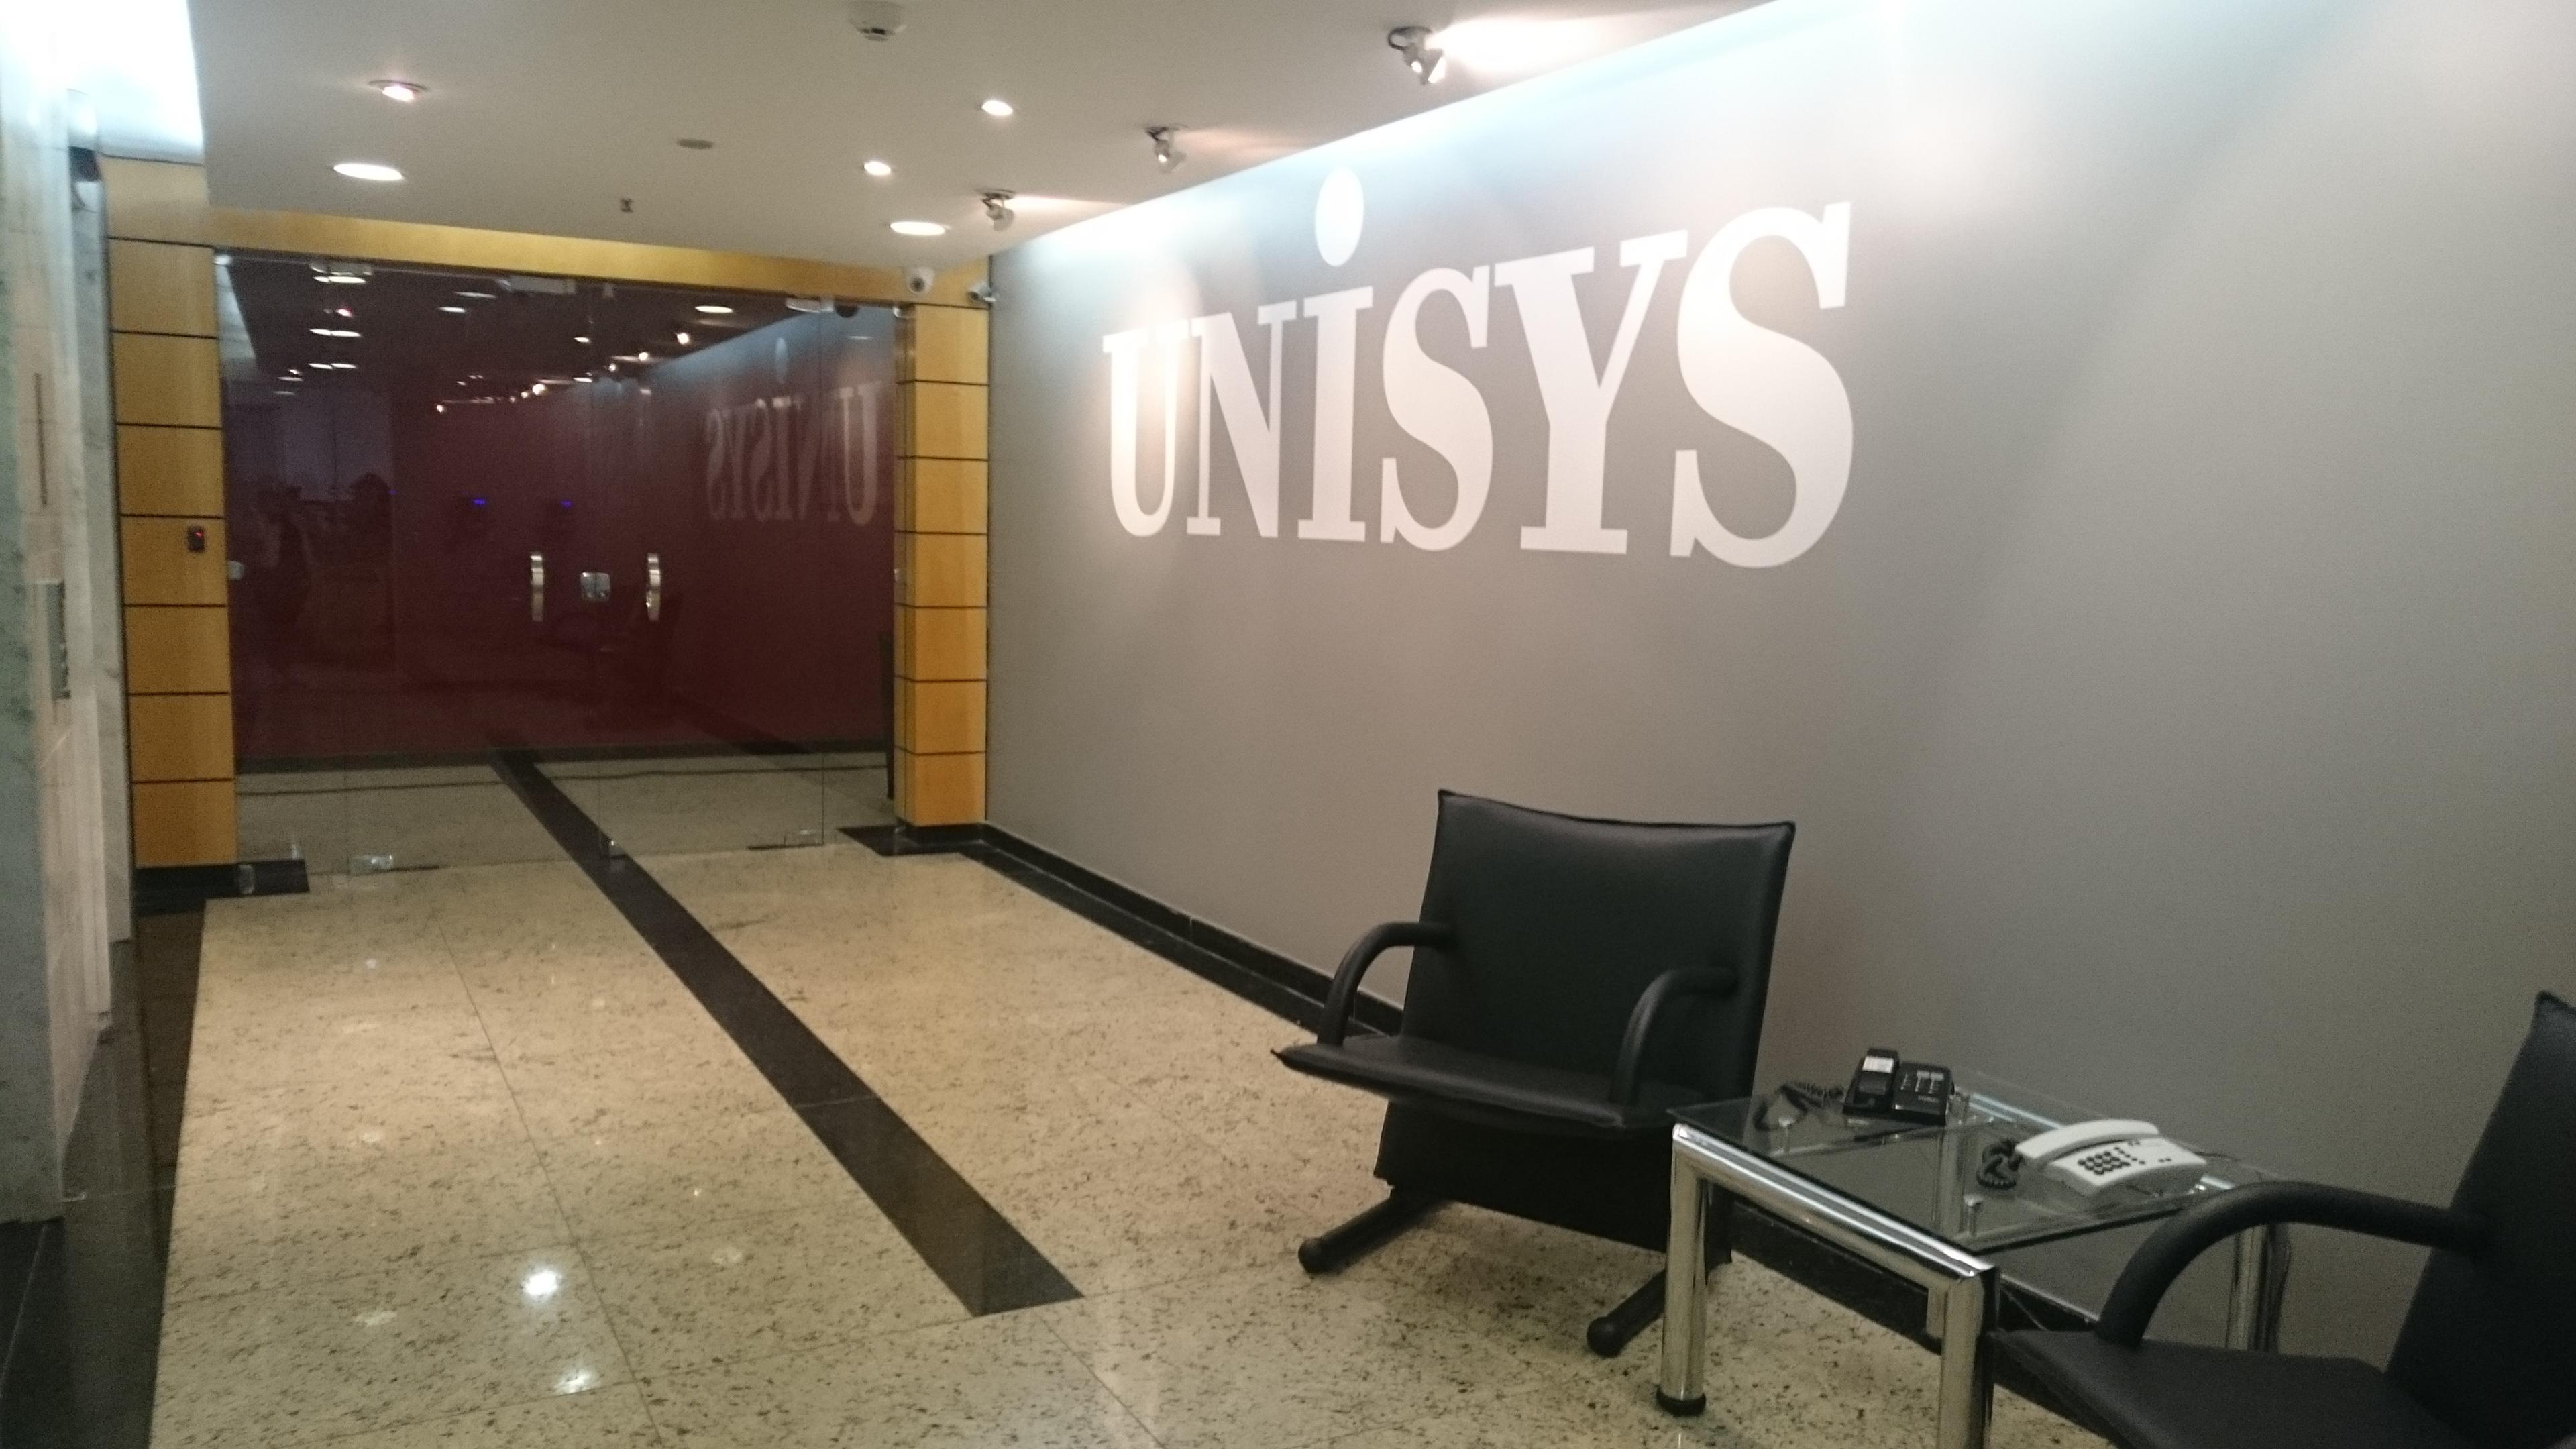 Escritório Unisys